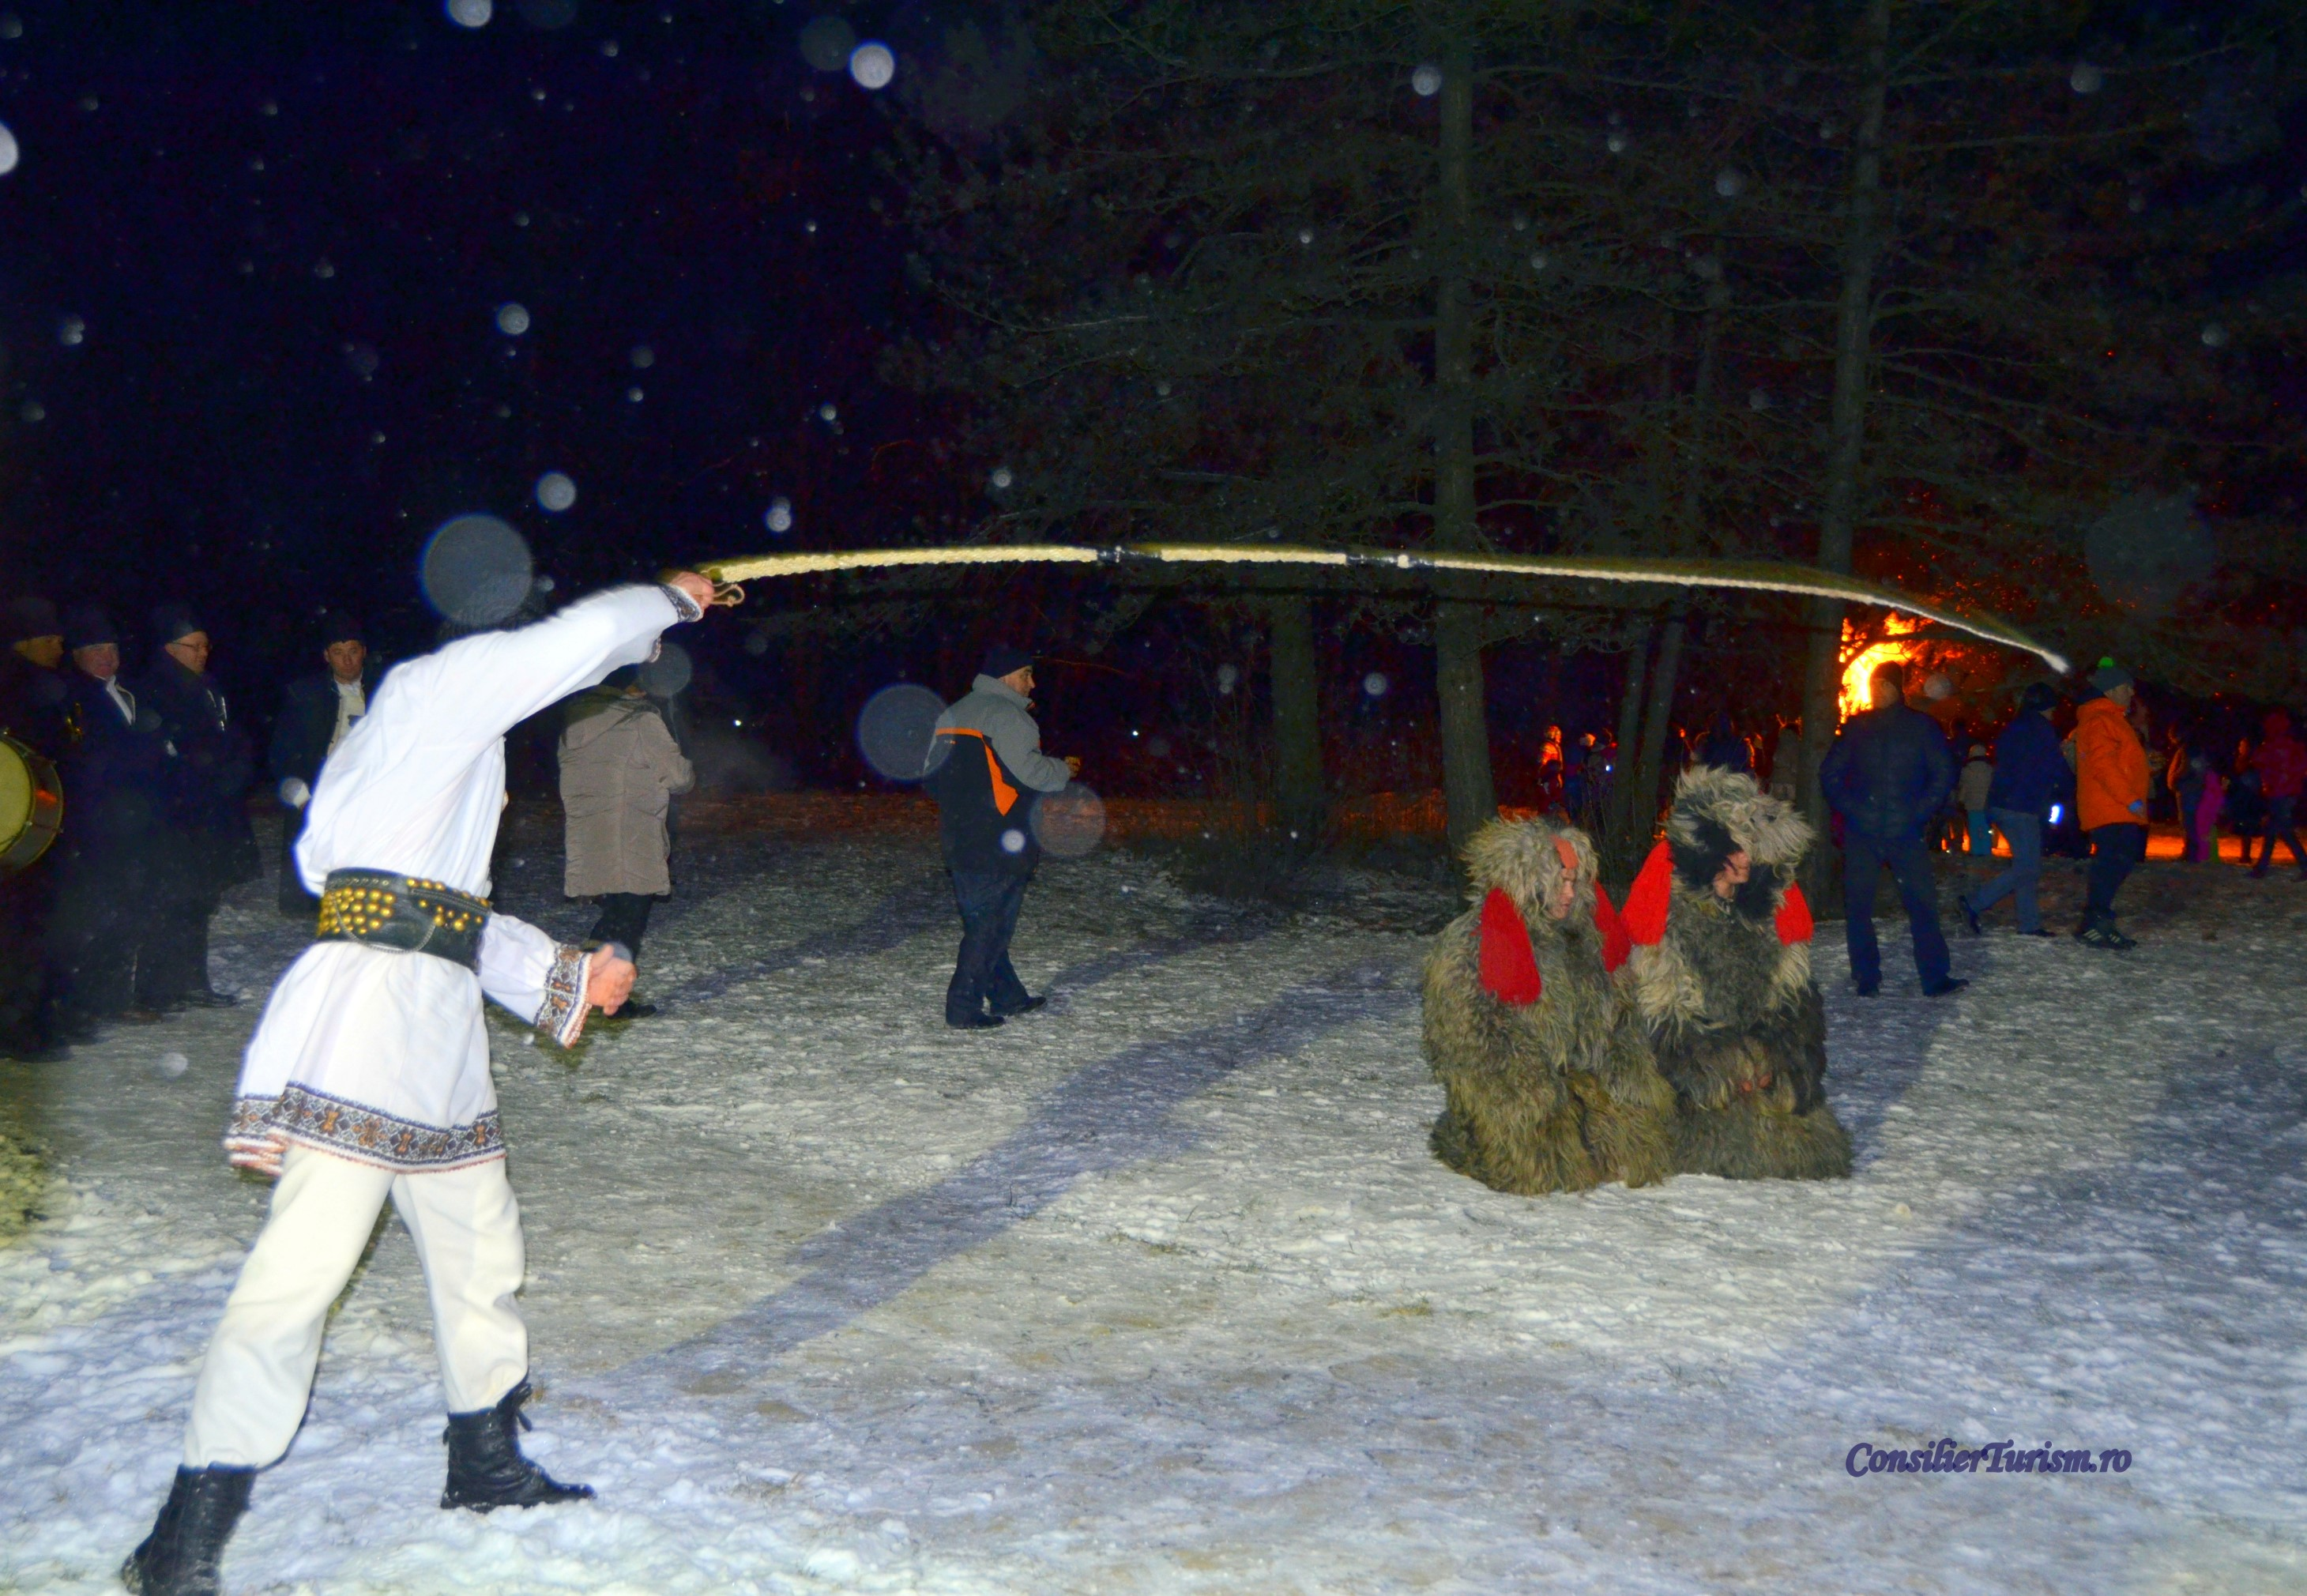 colindatori traditii iarnna bucovina